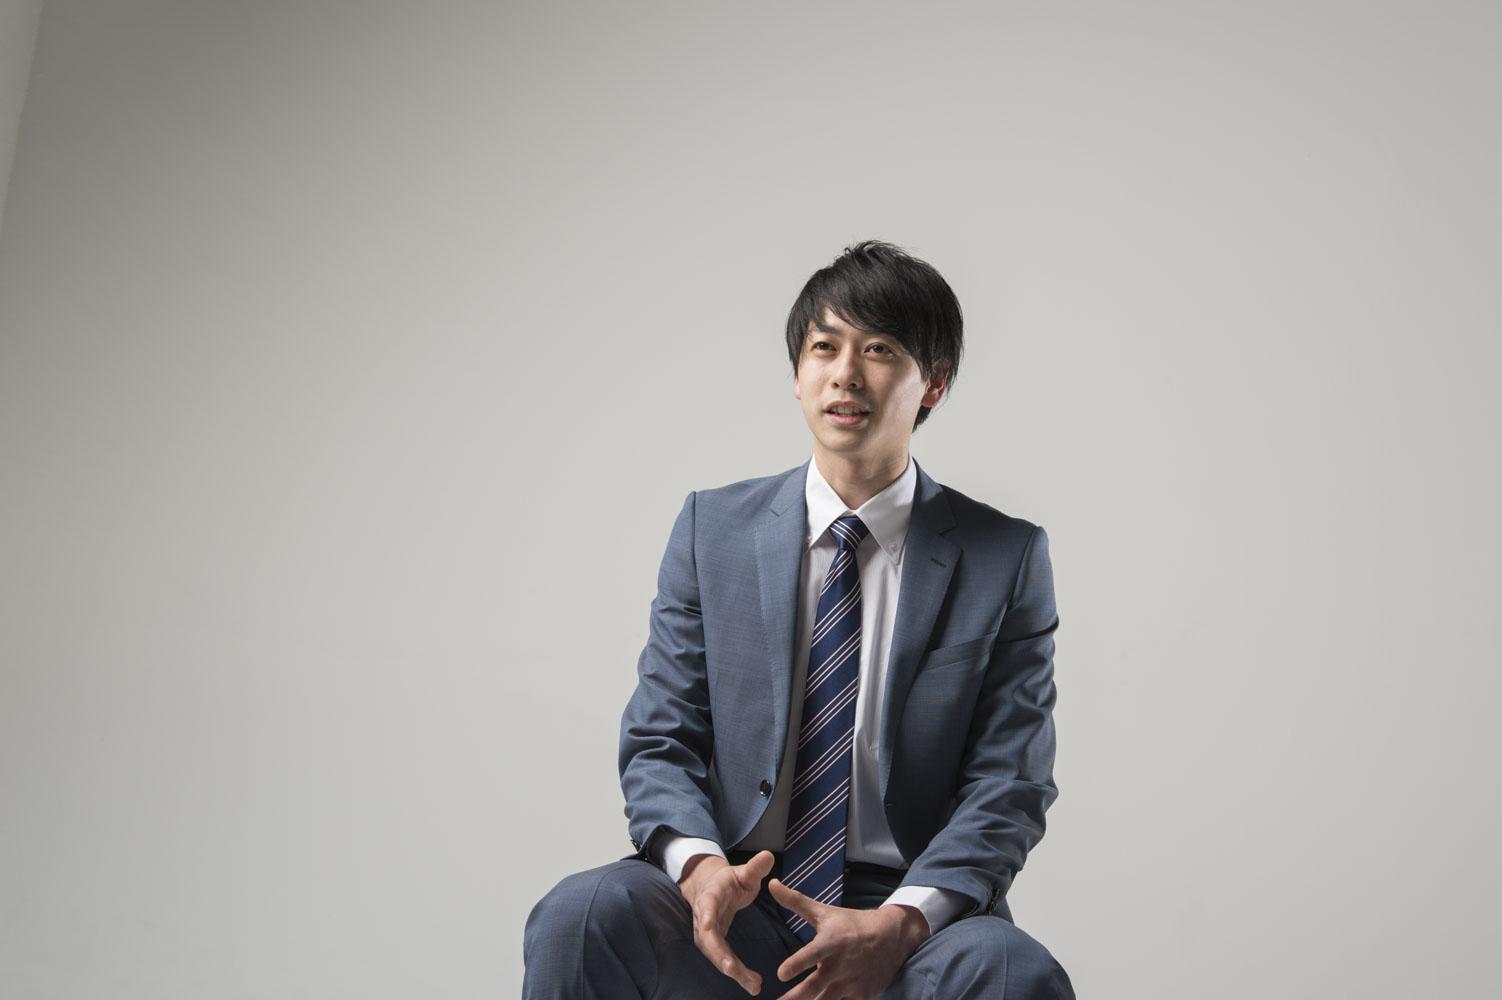 日本代表復帰への思いと、チームについて語る清家選手。